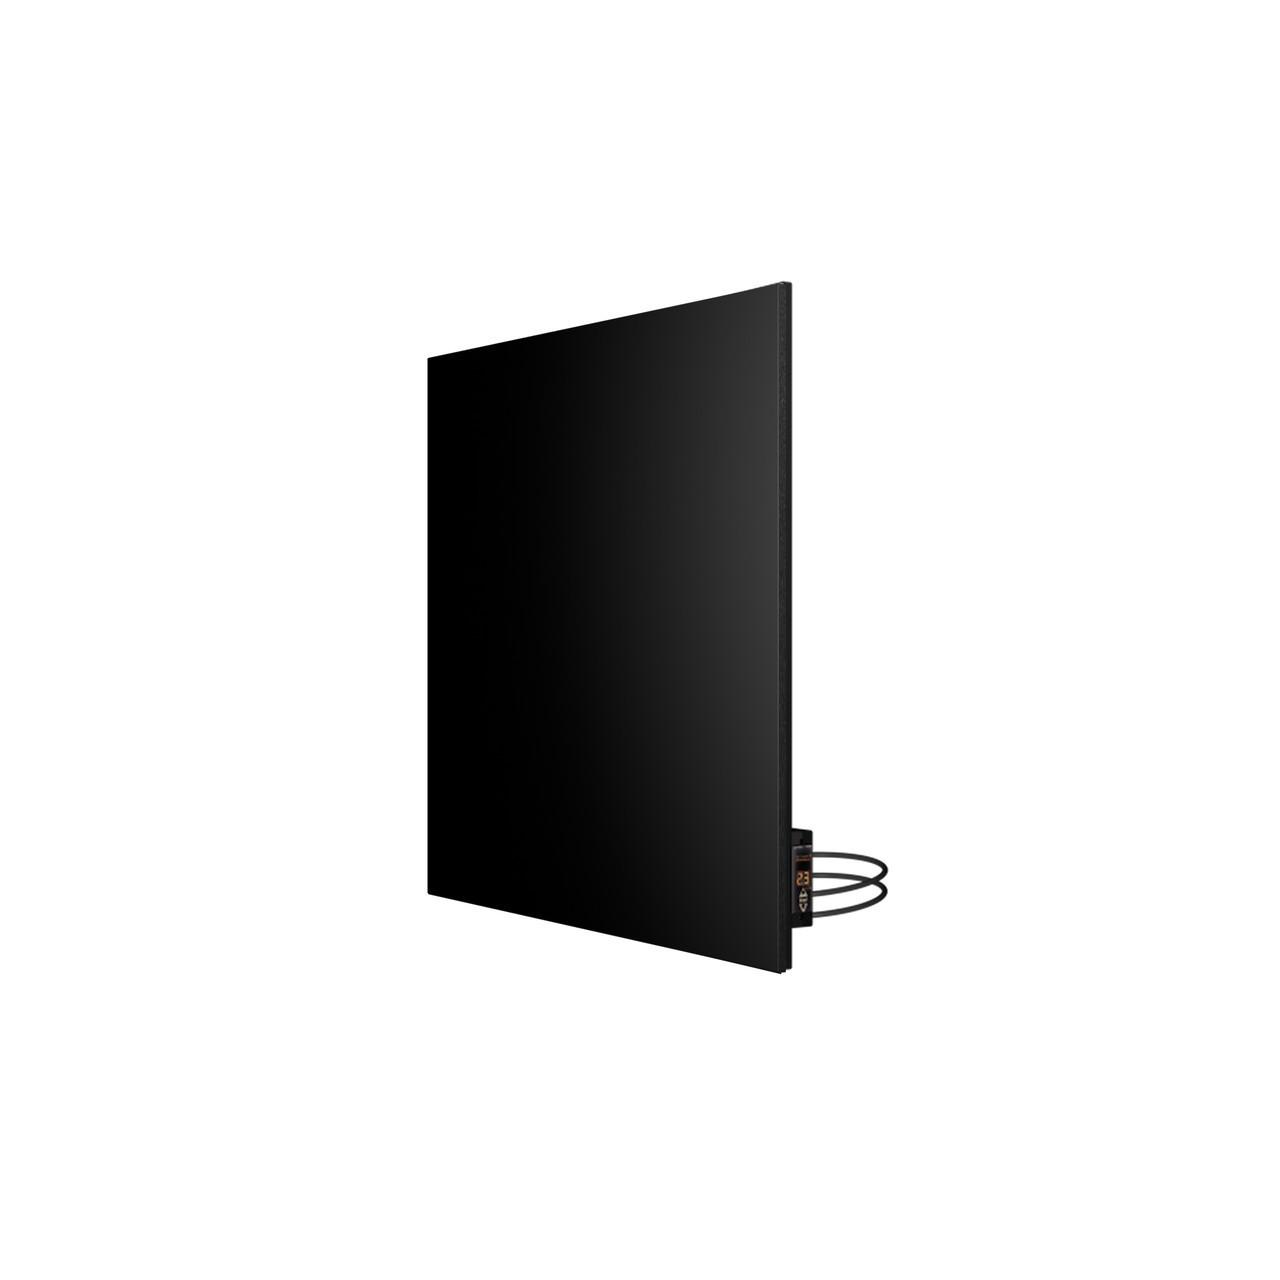 Теплокерамик TC500R 500Вт Керамический инфракрасный панельный обогреватель (Чёрный)